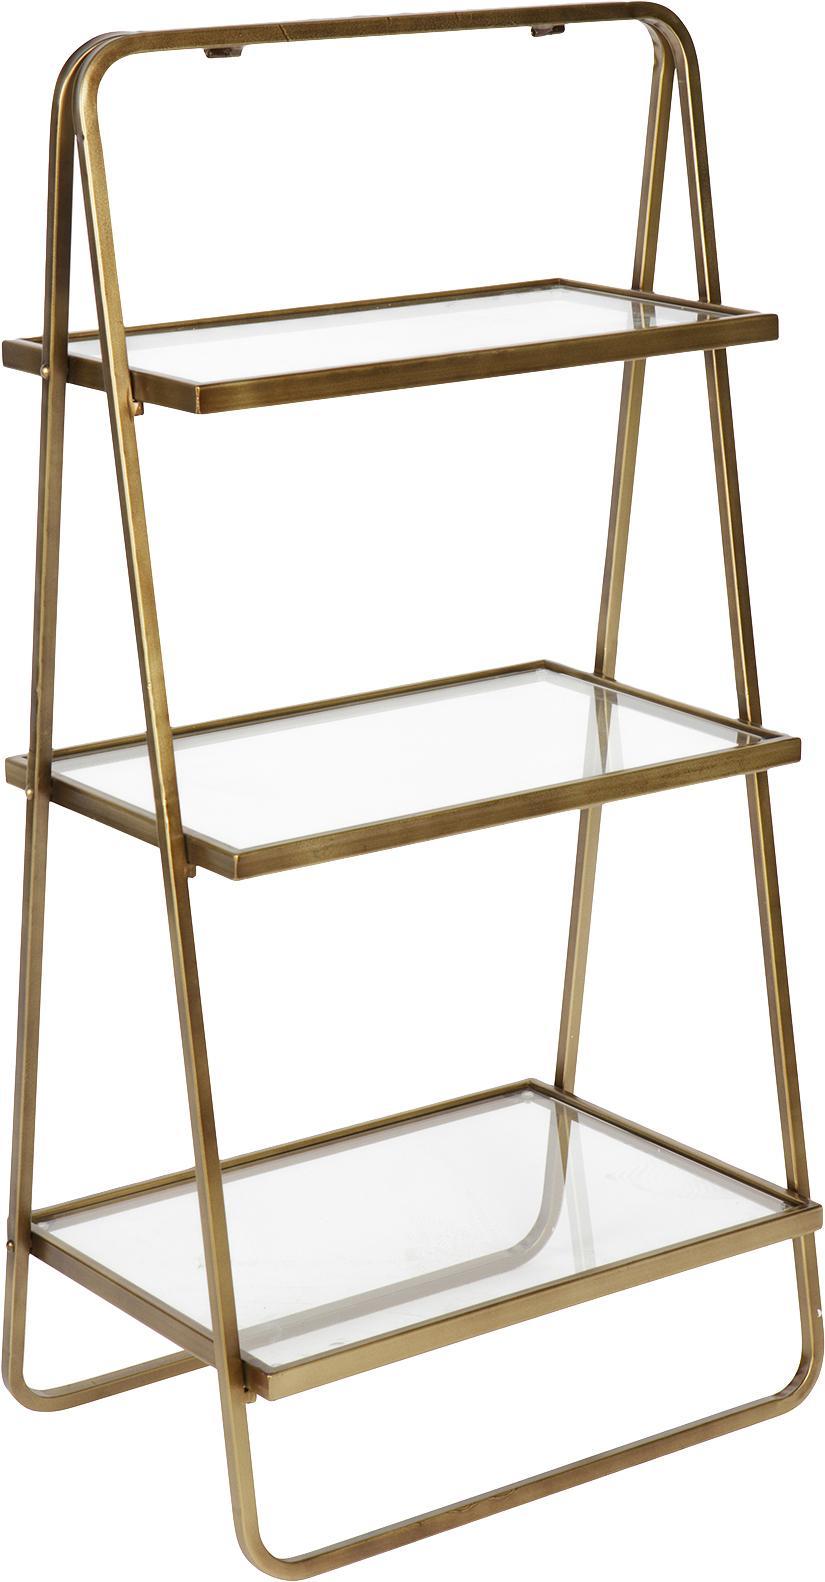 Estantería escalera Goddess, Estructura: metal, latón, Estantes: vidrio, Latón, efecto envejecido, An 58 x Al 106 cm